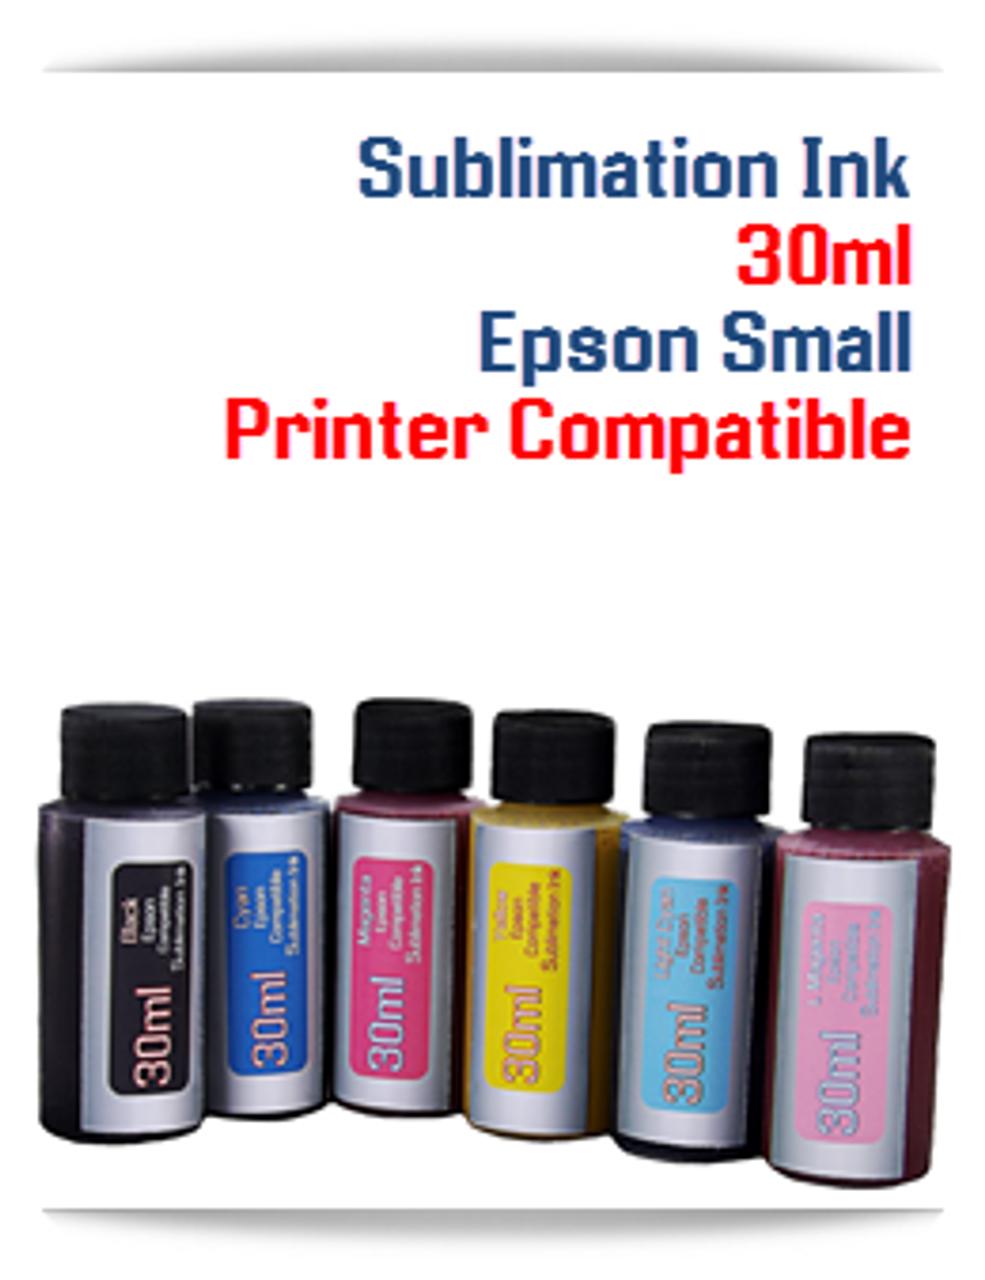 30ml Sublimation Ink Epson Desktop printers compatible